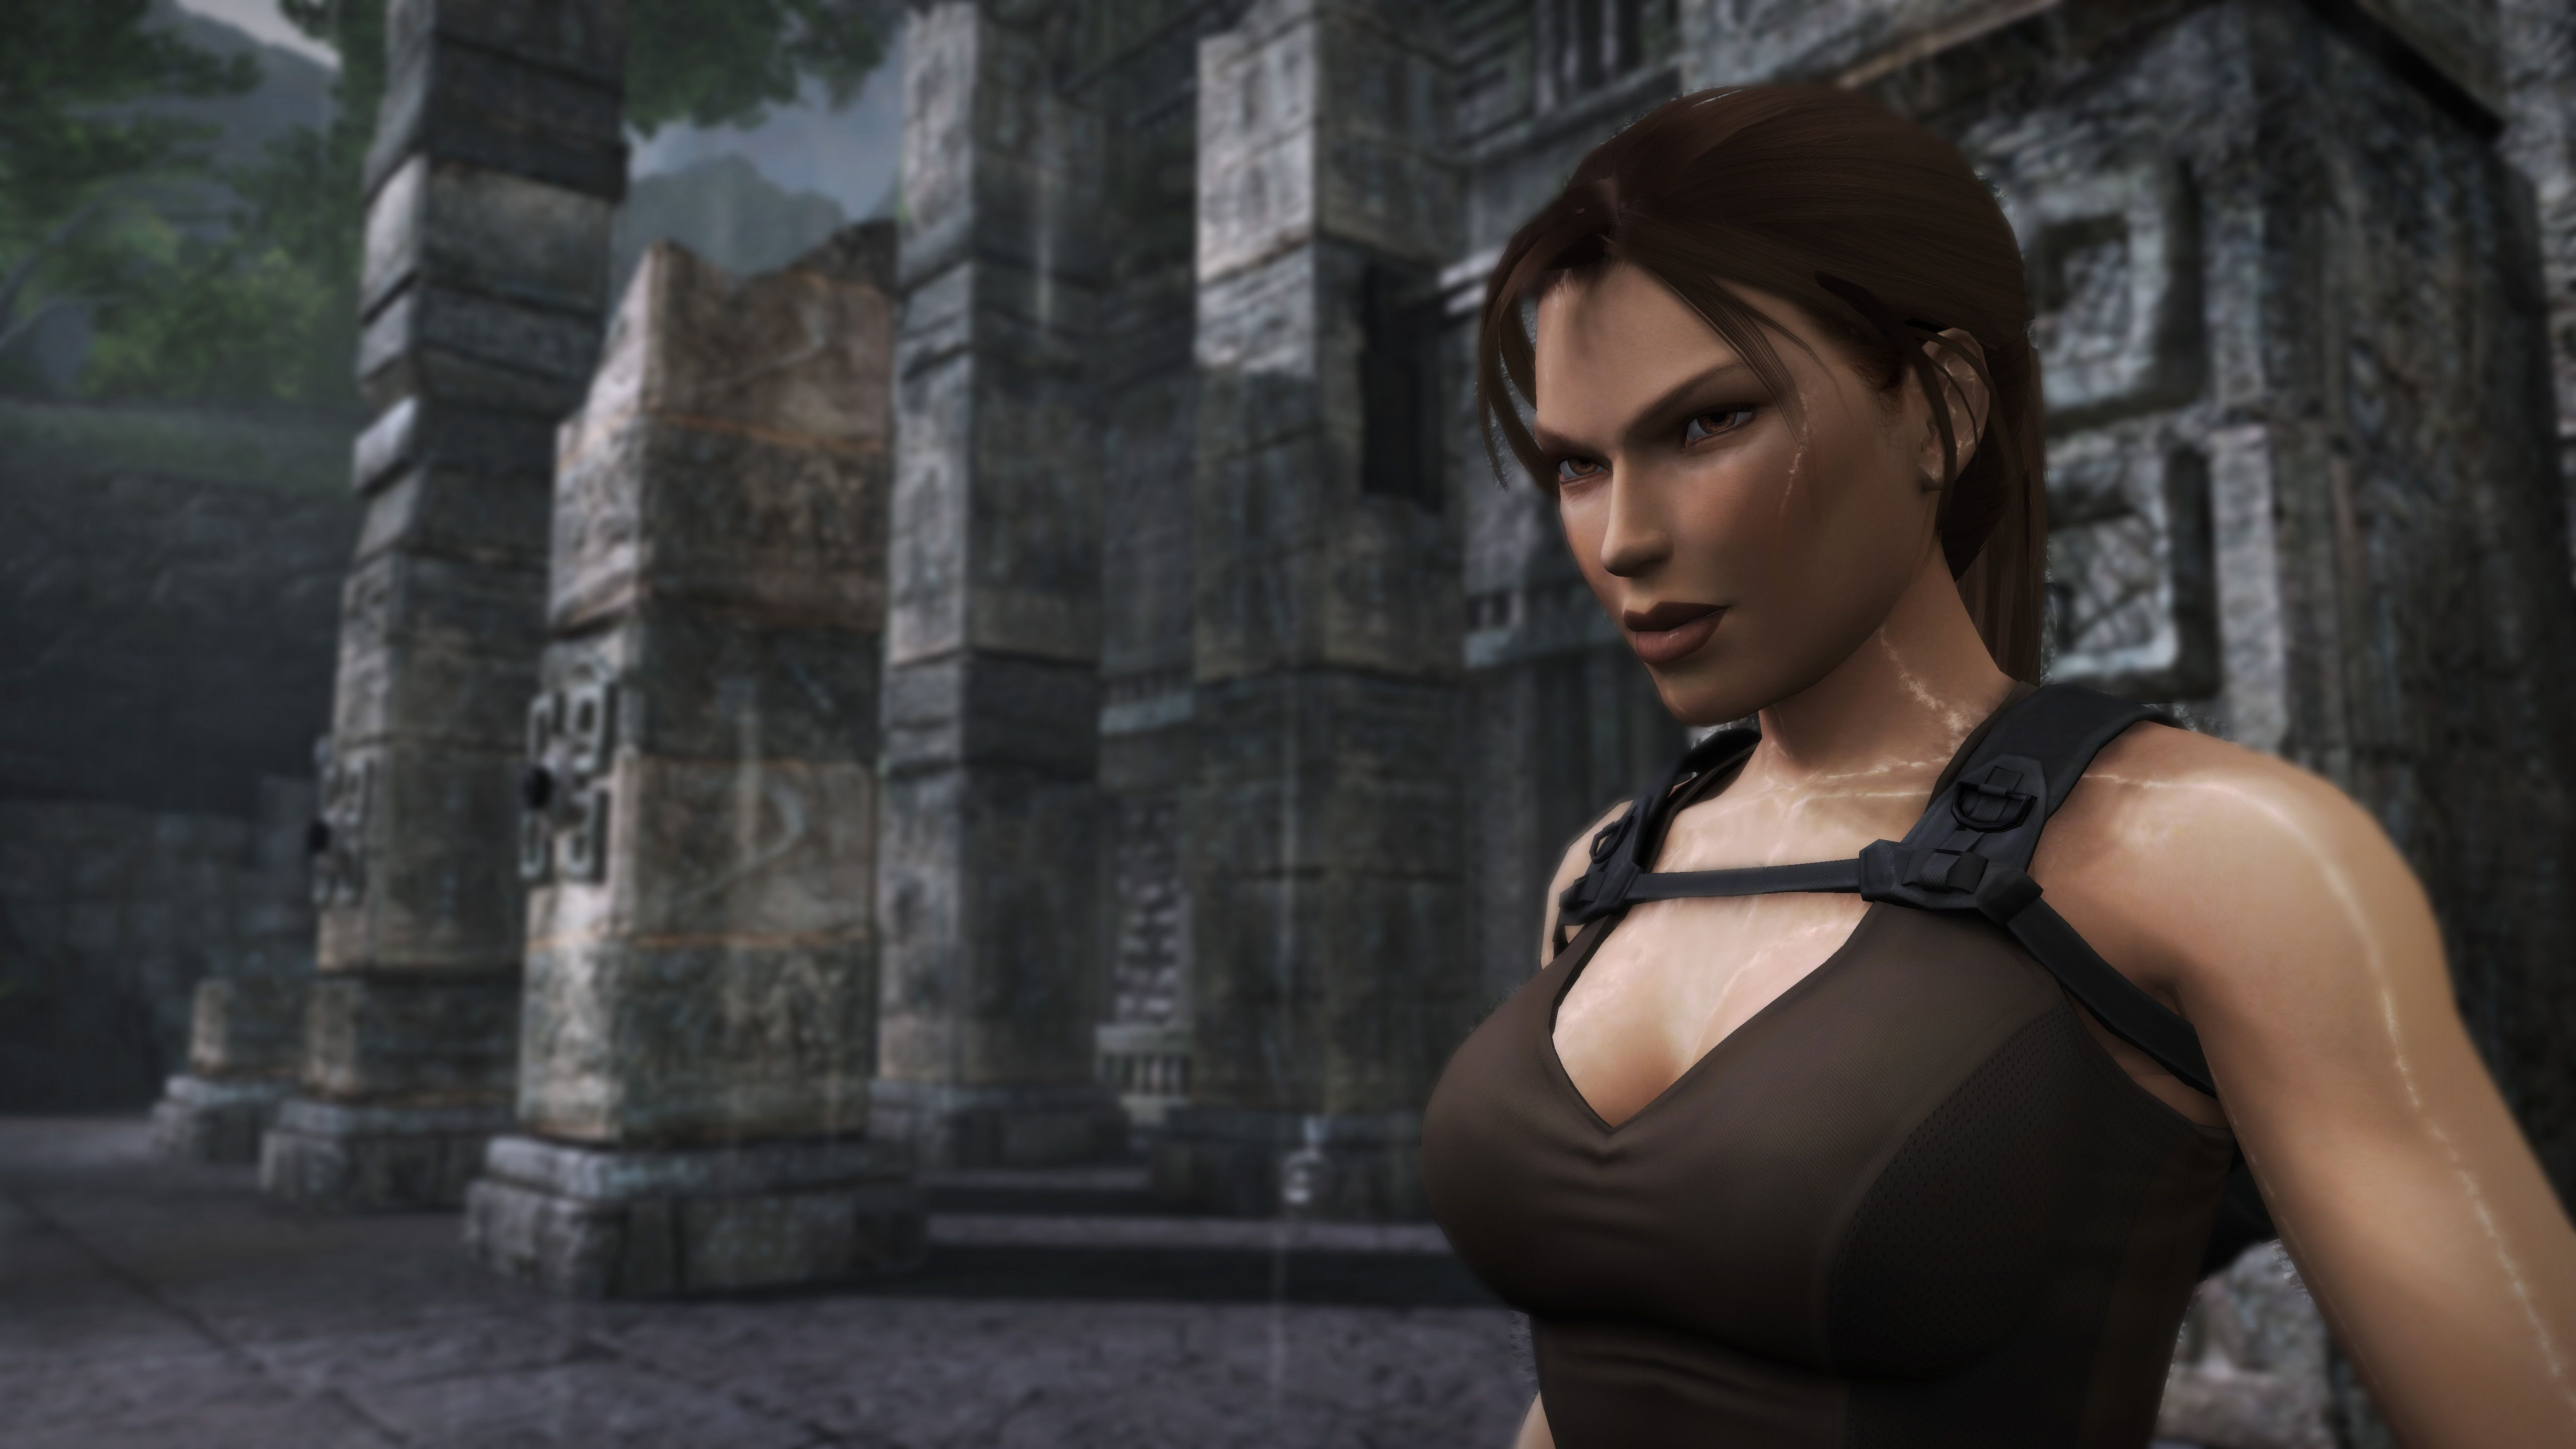 Lara croft underworld naked photo